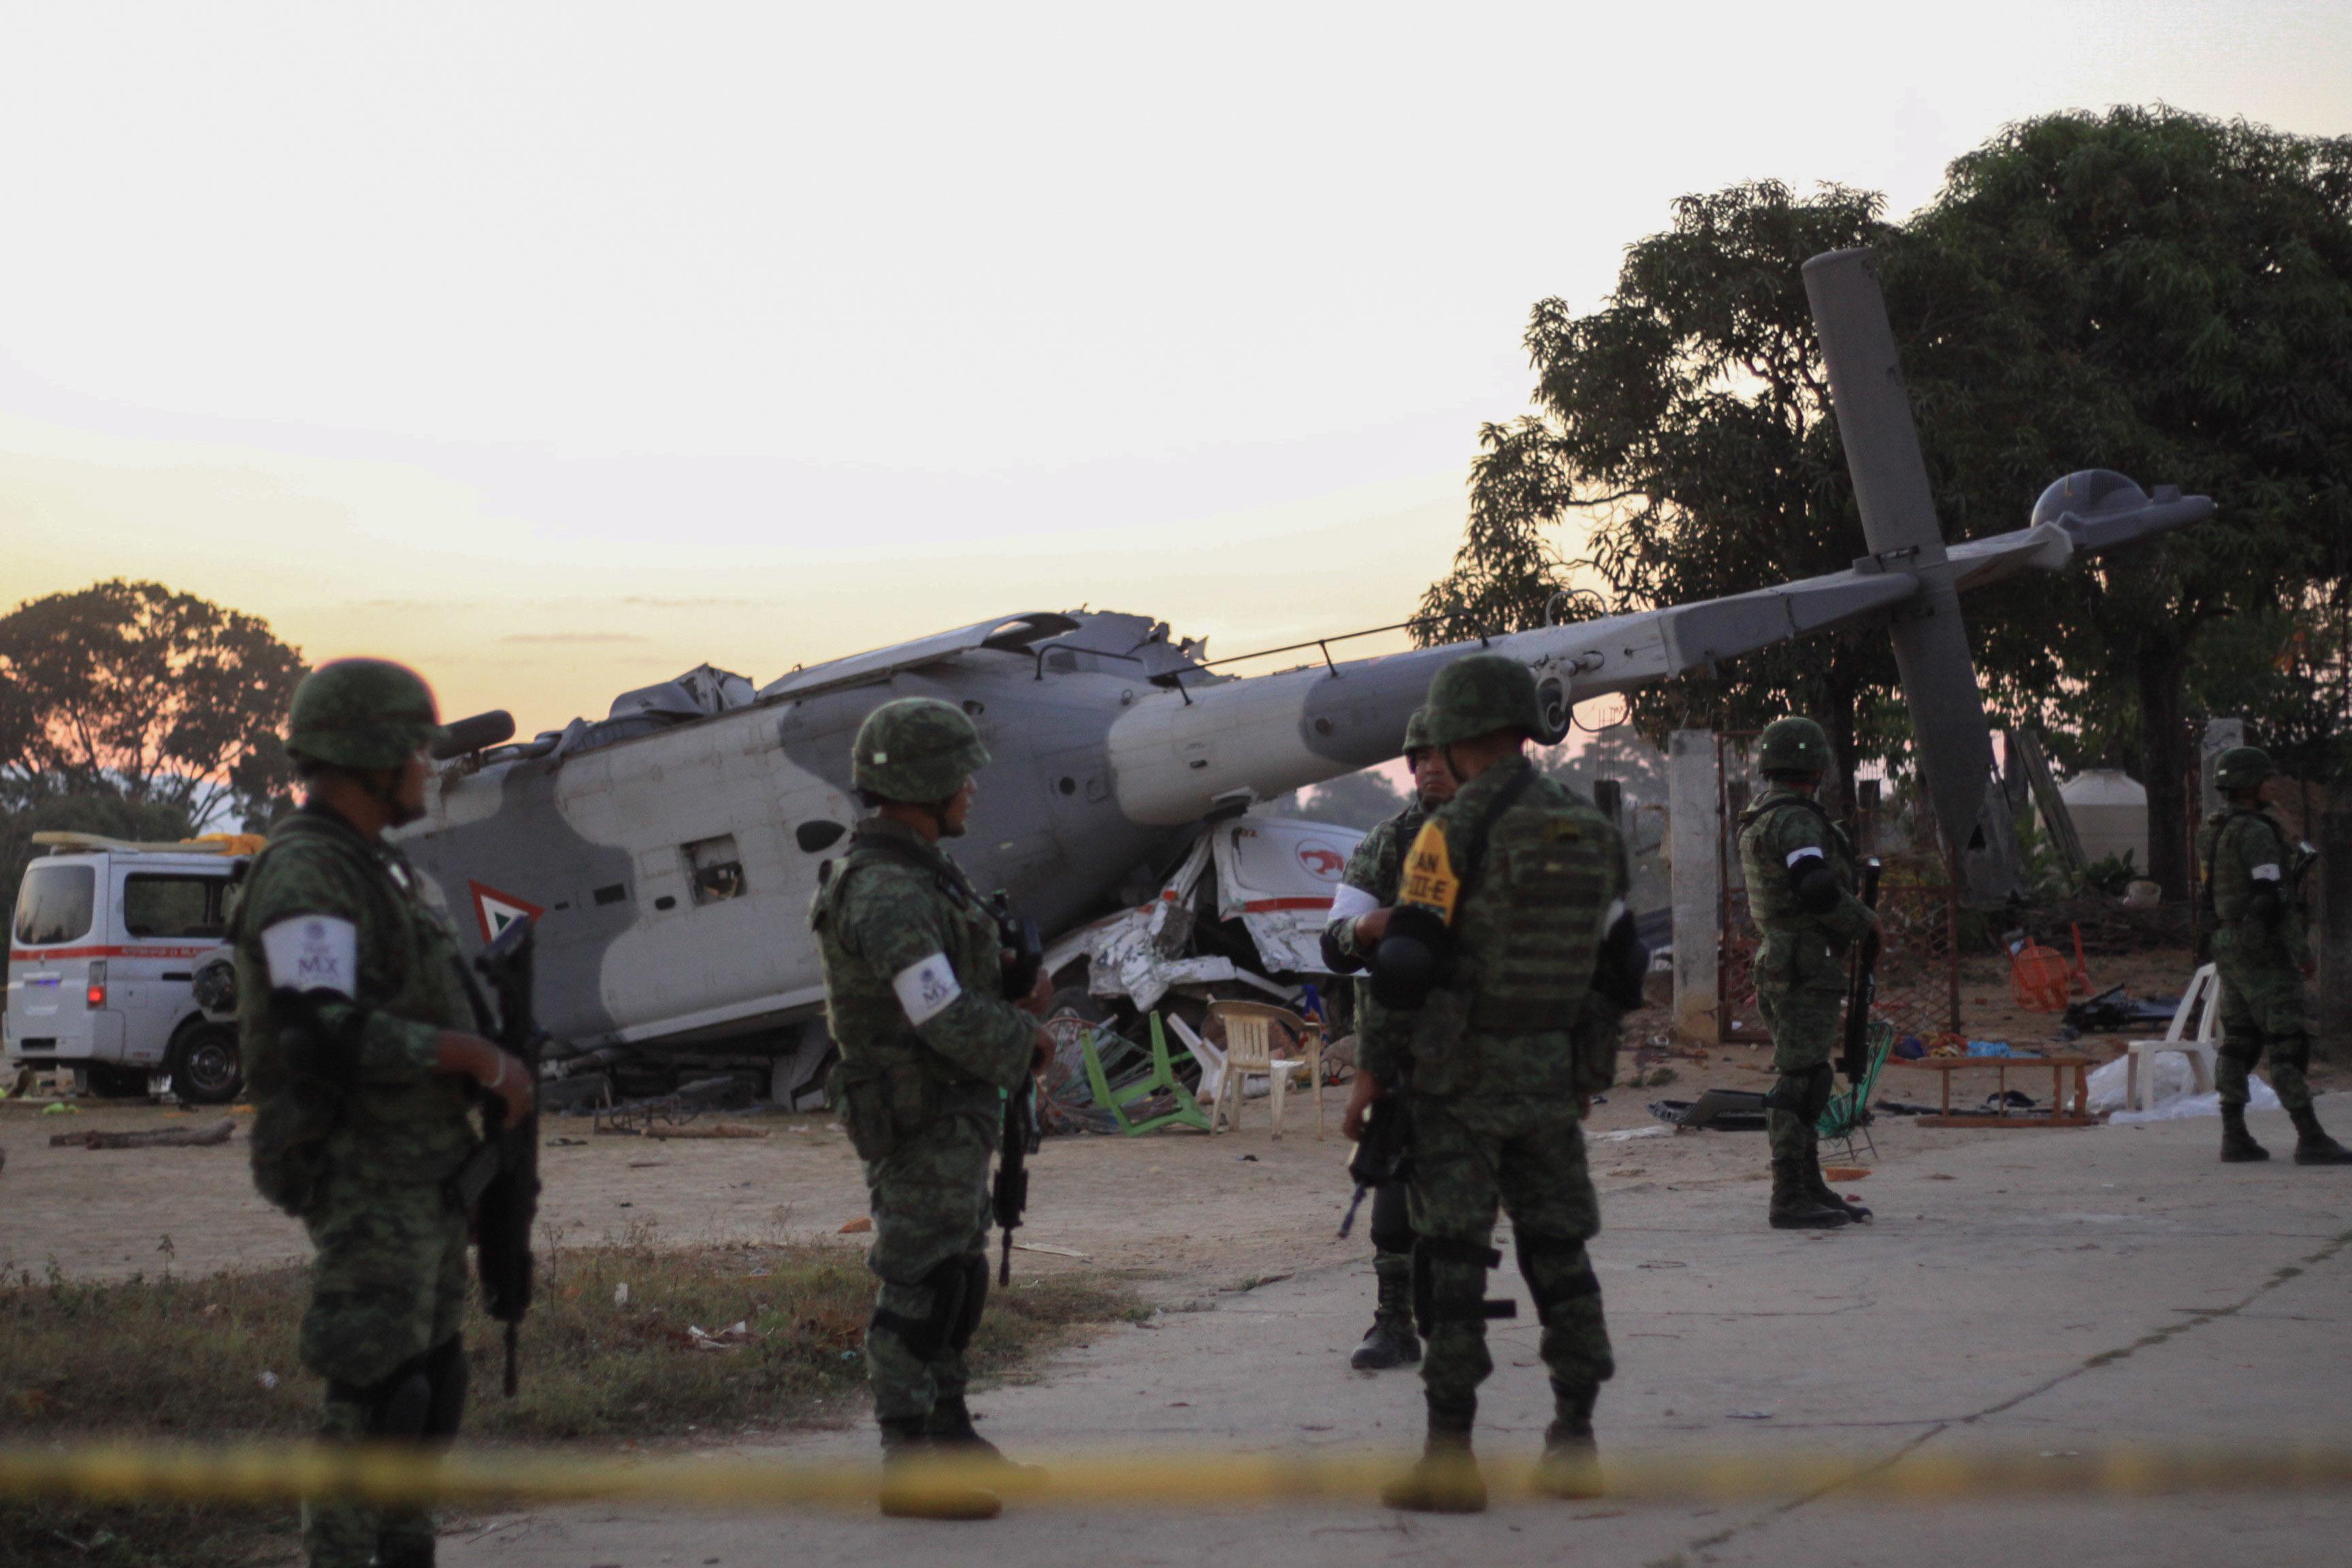 A mexikói földrengés után, a kárfelmérés közben lezuhanó helikopter 13 embert megölt, és 15-öt megsebesített